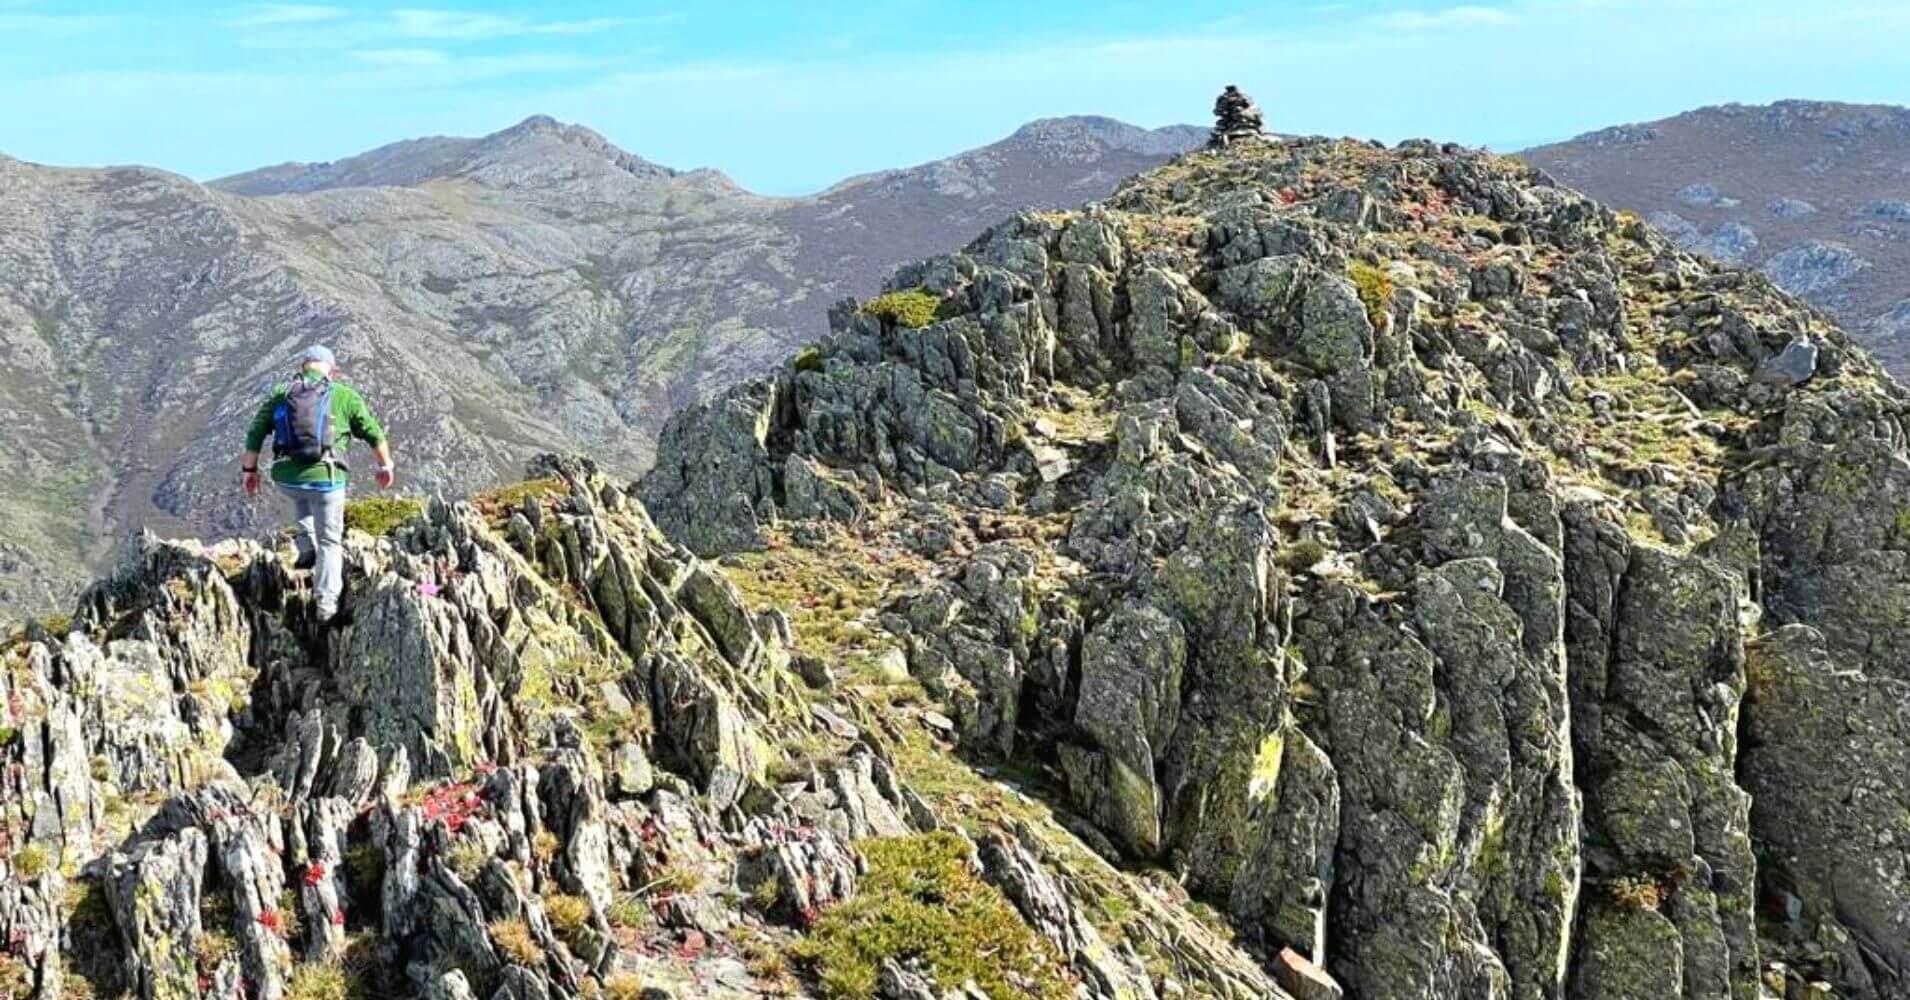 En Cresta del Dragón, Sierra de Ayllón. Guadalajara. Castilla La Mancha.